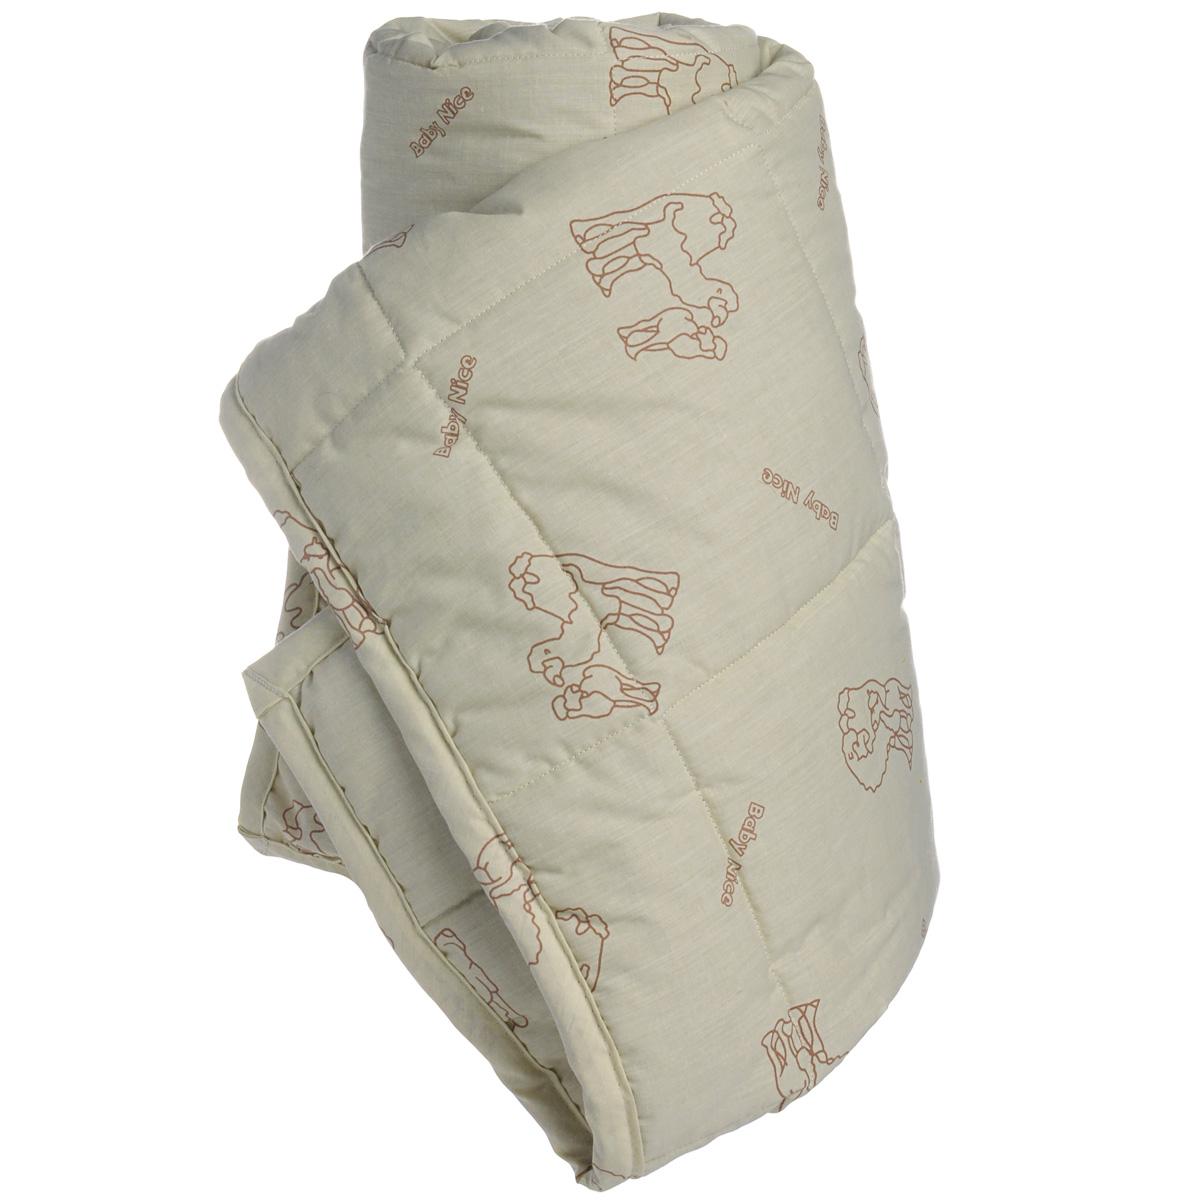 Одеяло детское  Baby Nice , стеганое, цвет: бежевый, 105 см x 140 см. Wa57085 - Детский текстиль